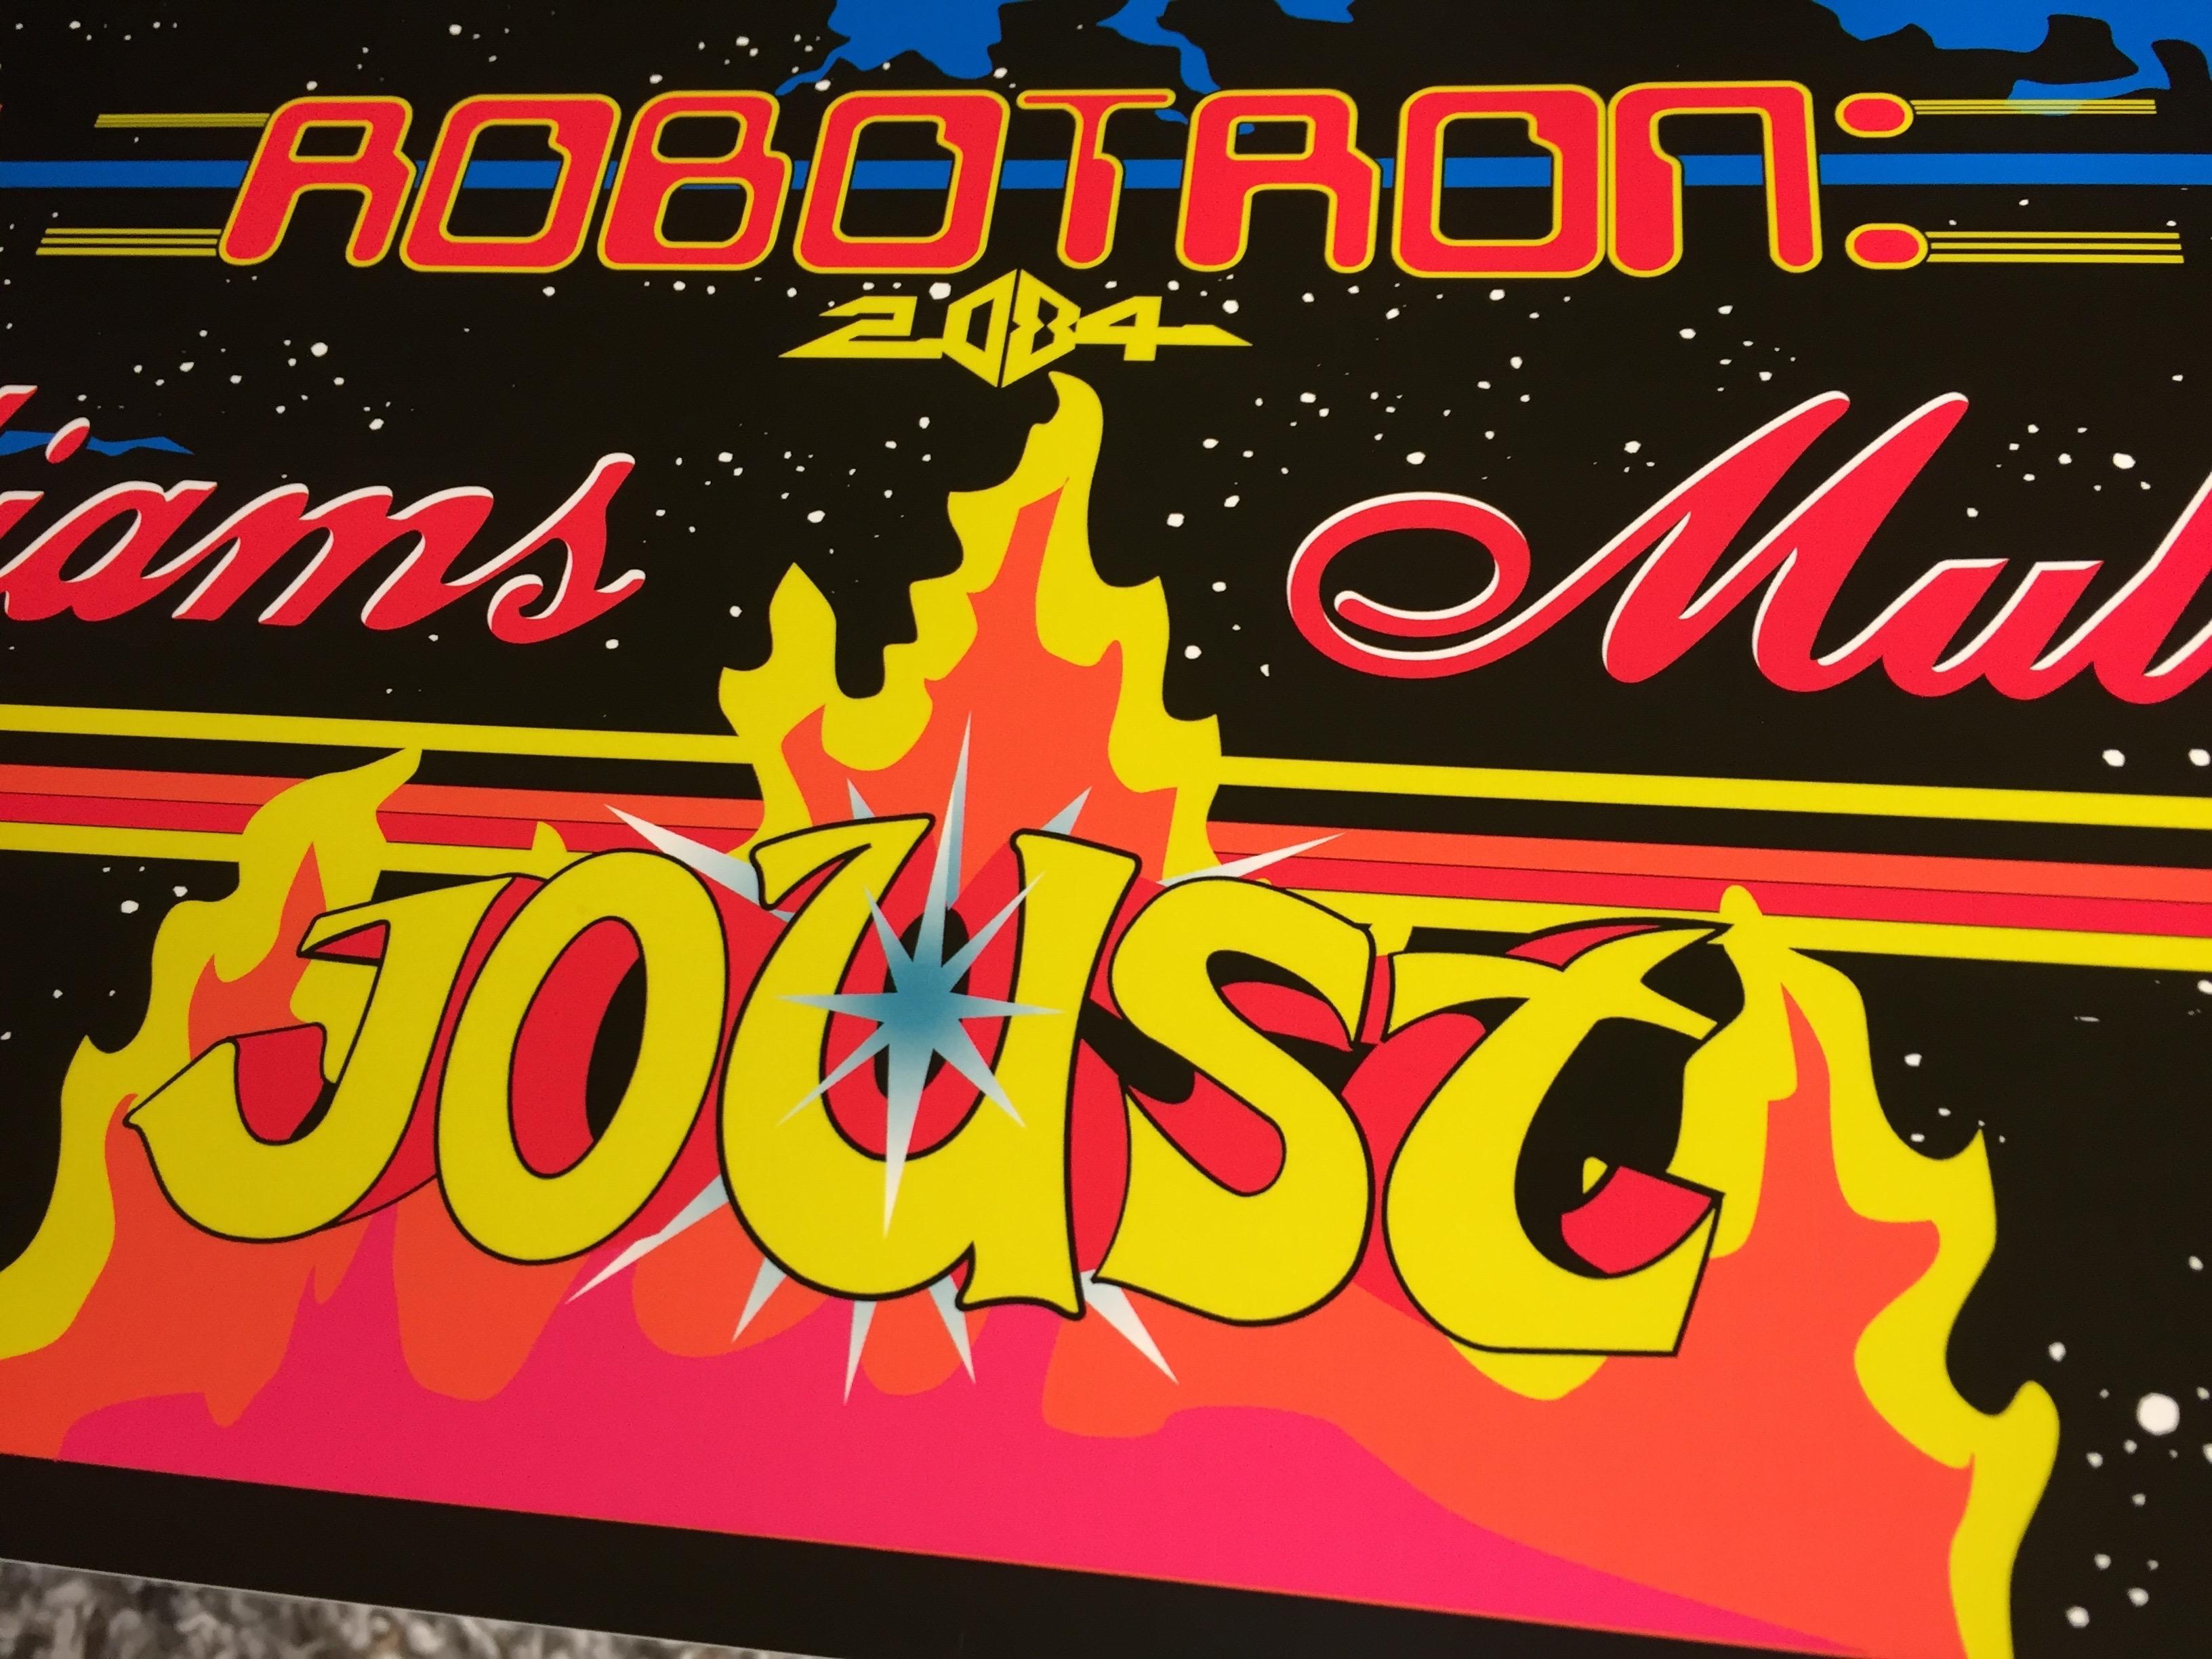 Williams Multicade Arcade Marquee - 24 5